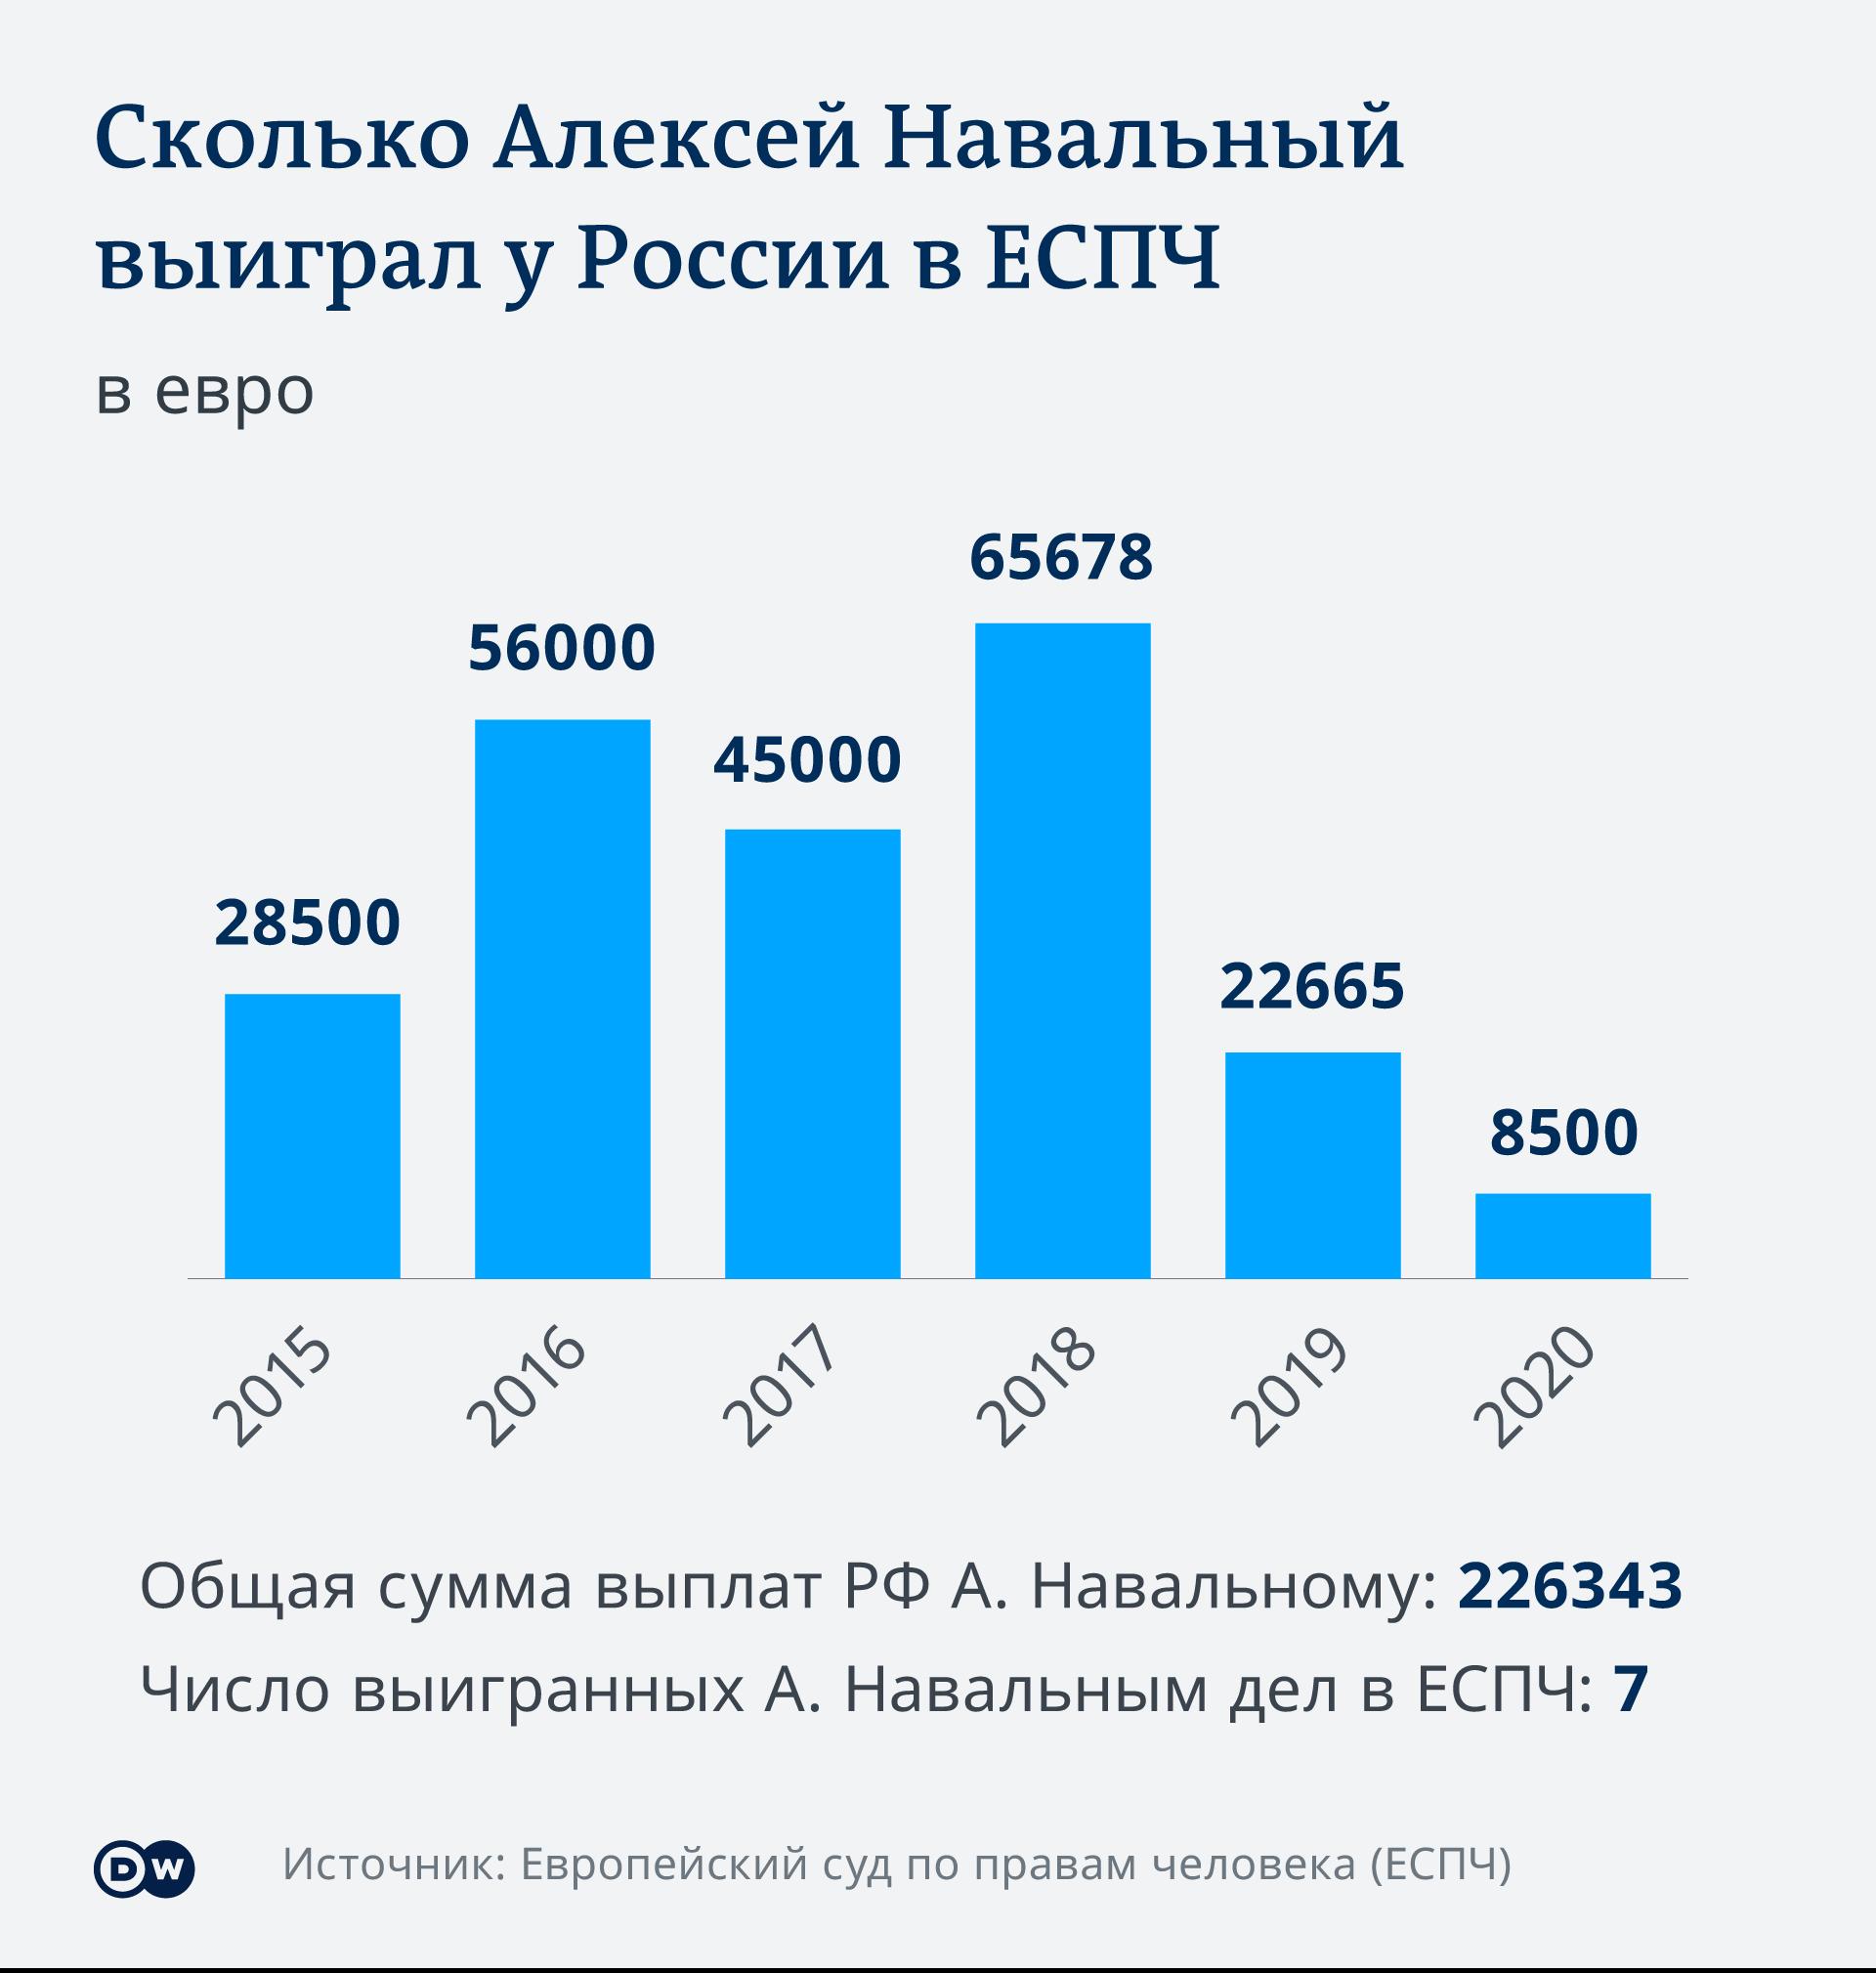 Инфографика Навальный против России в ЕСПЧ